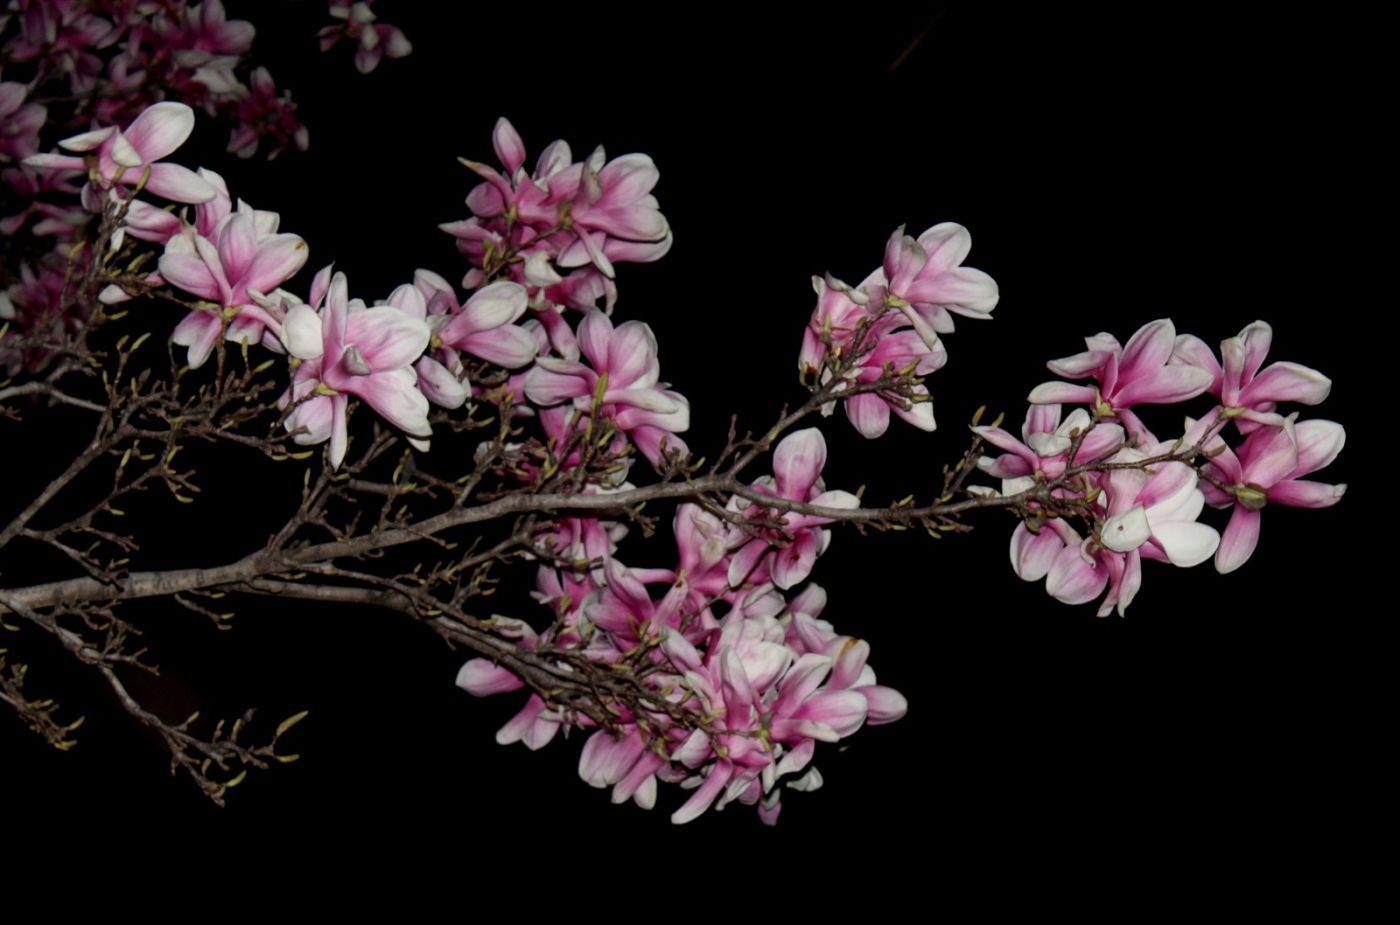 再拍紫玉兰_图1-26